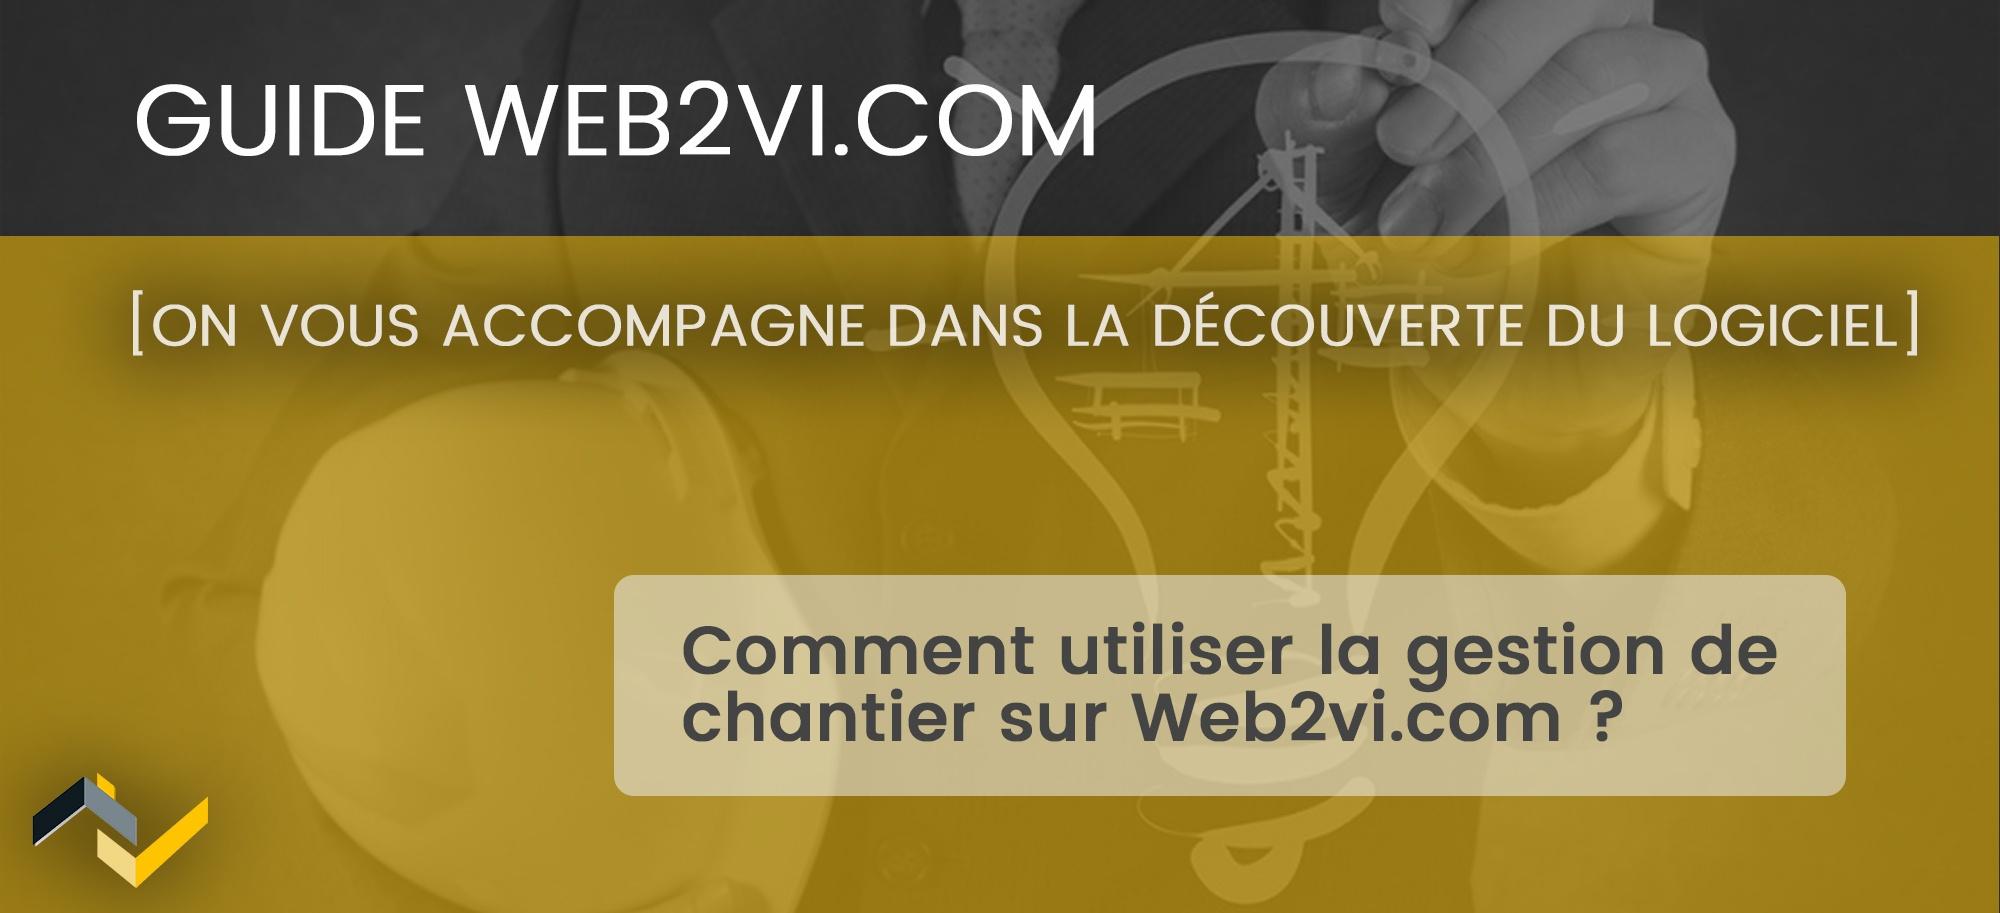 Comment utiliser la gestion de chantier sur Web2vi.com ?